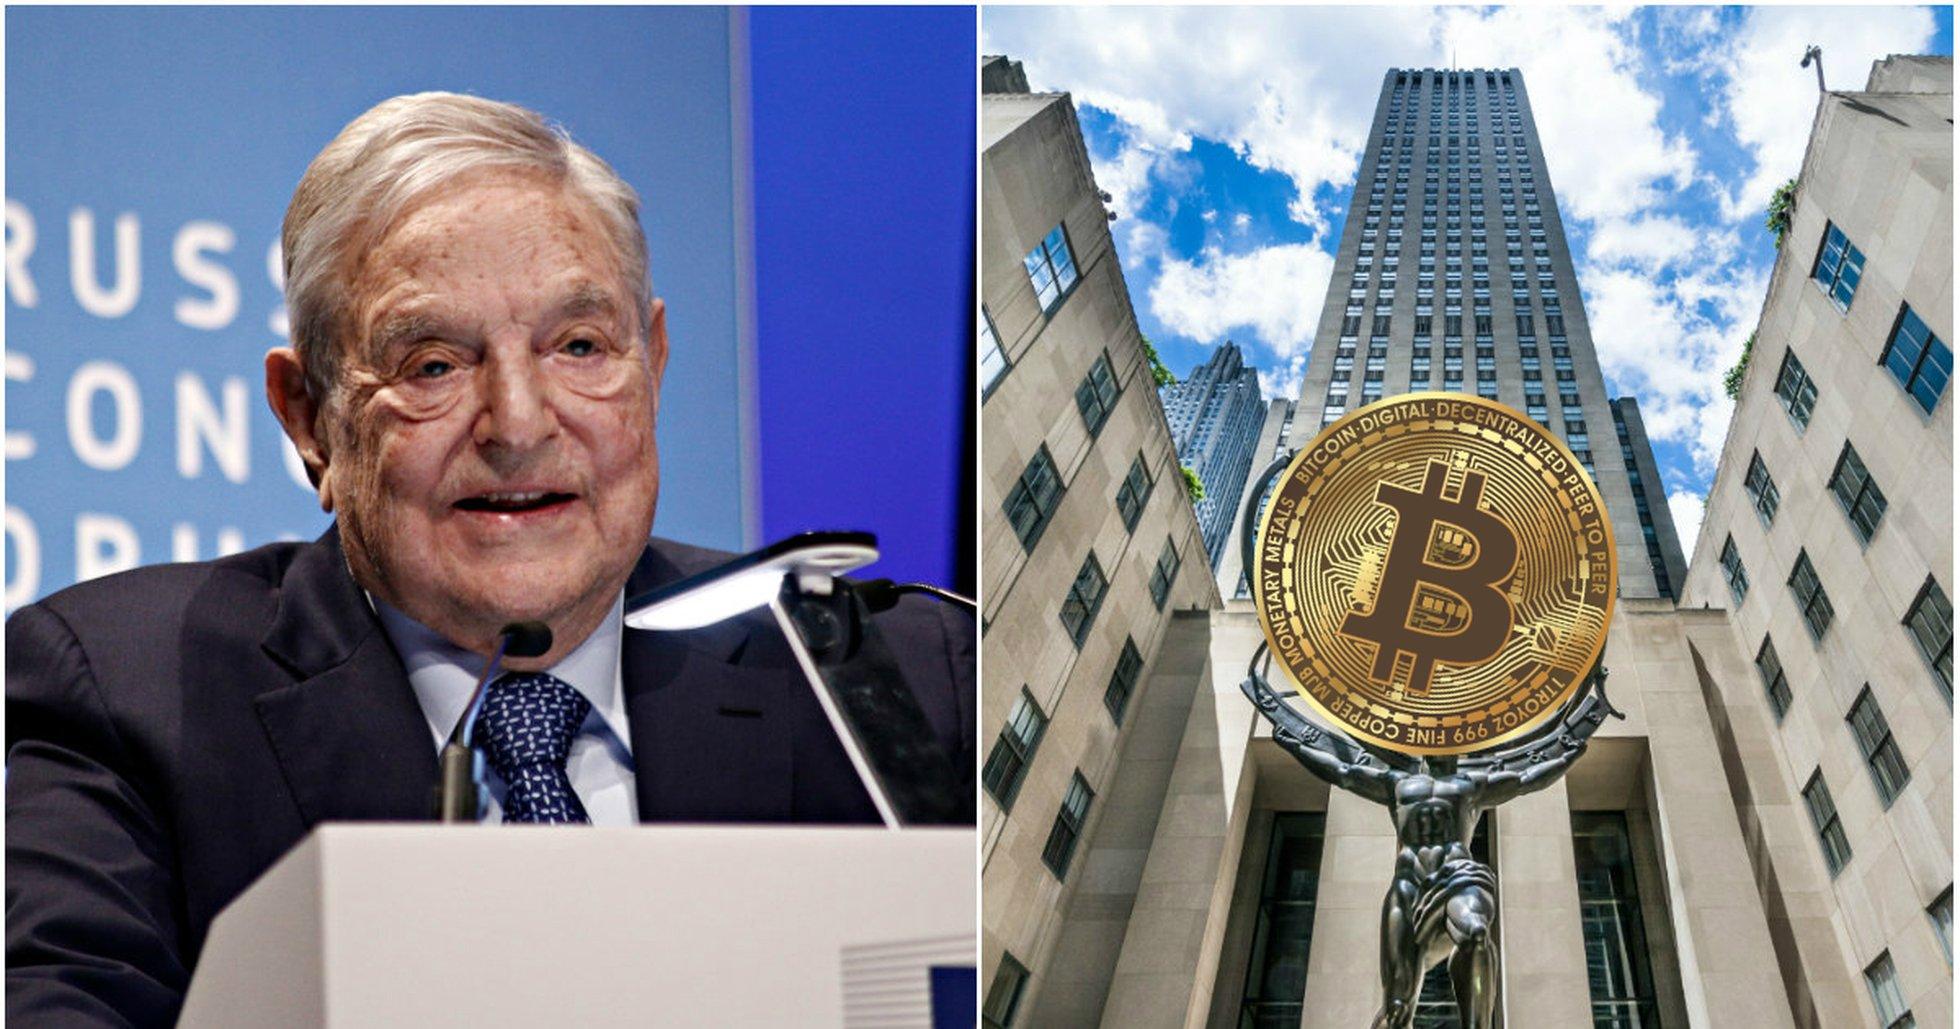 George Soros Rockefeller cryptocurrencies.